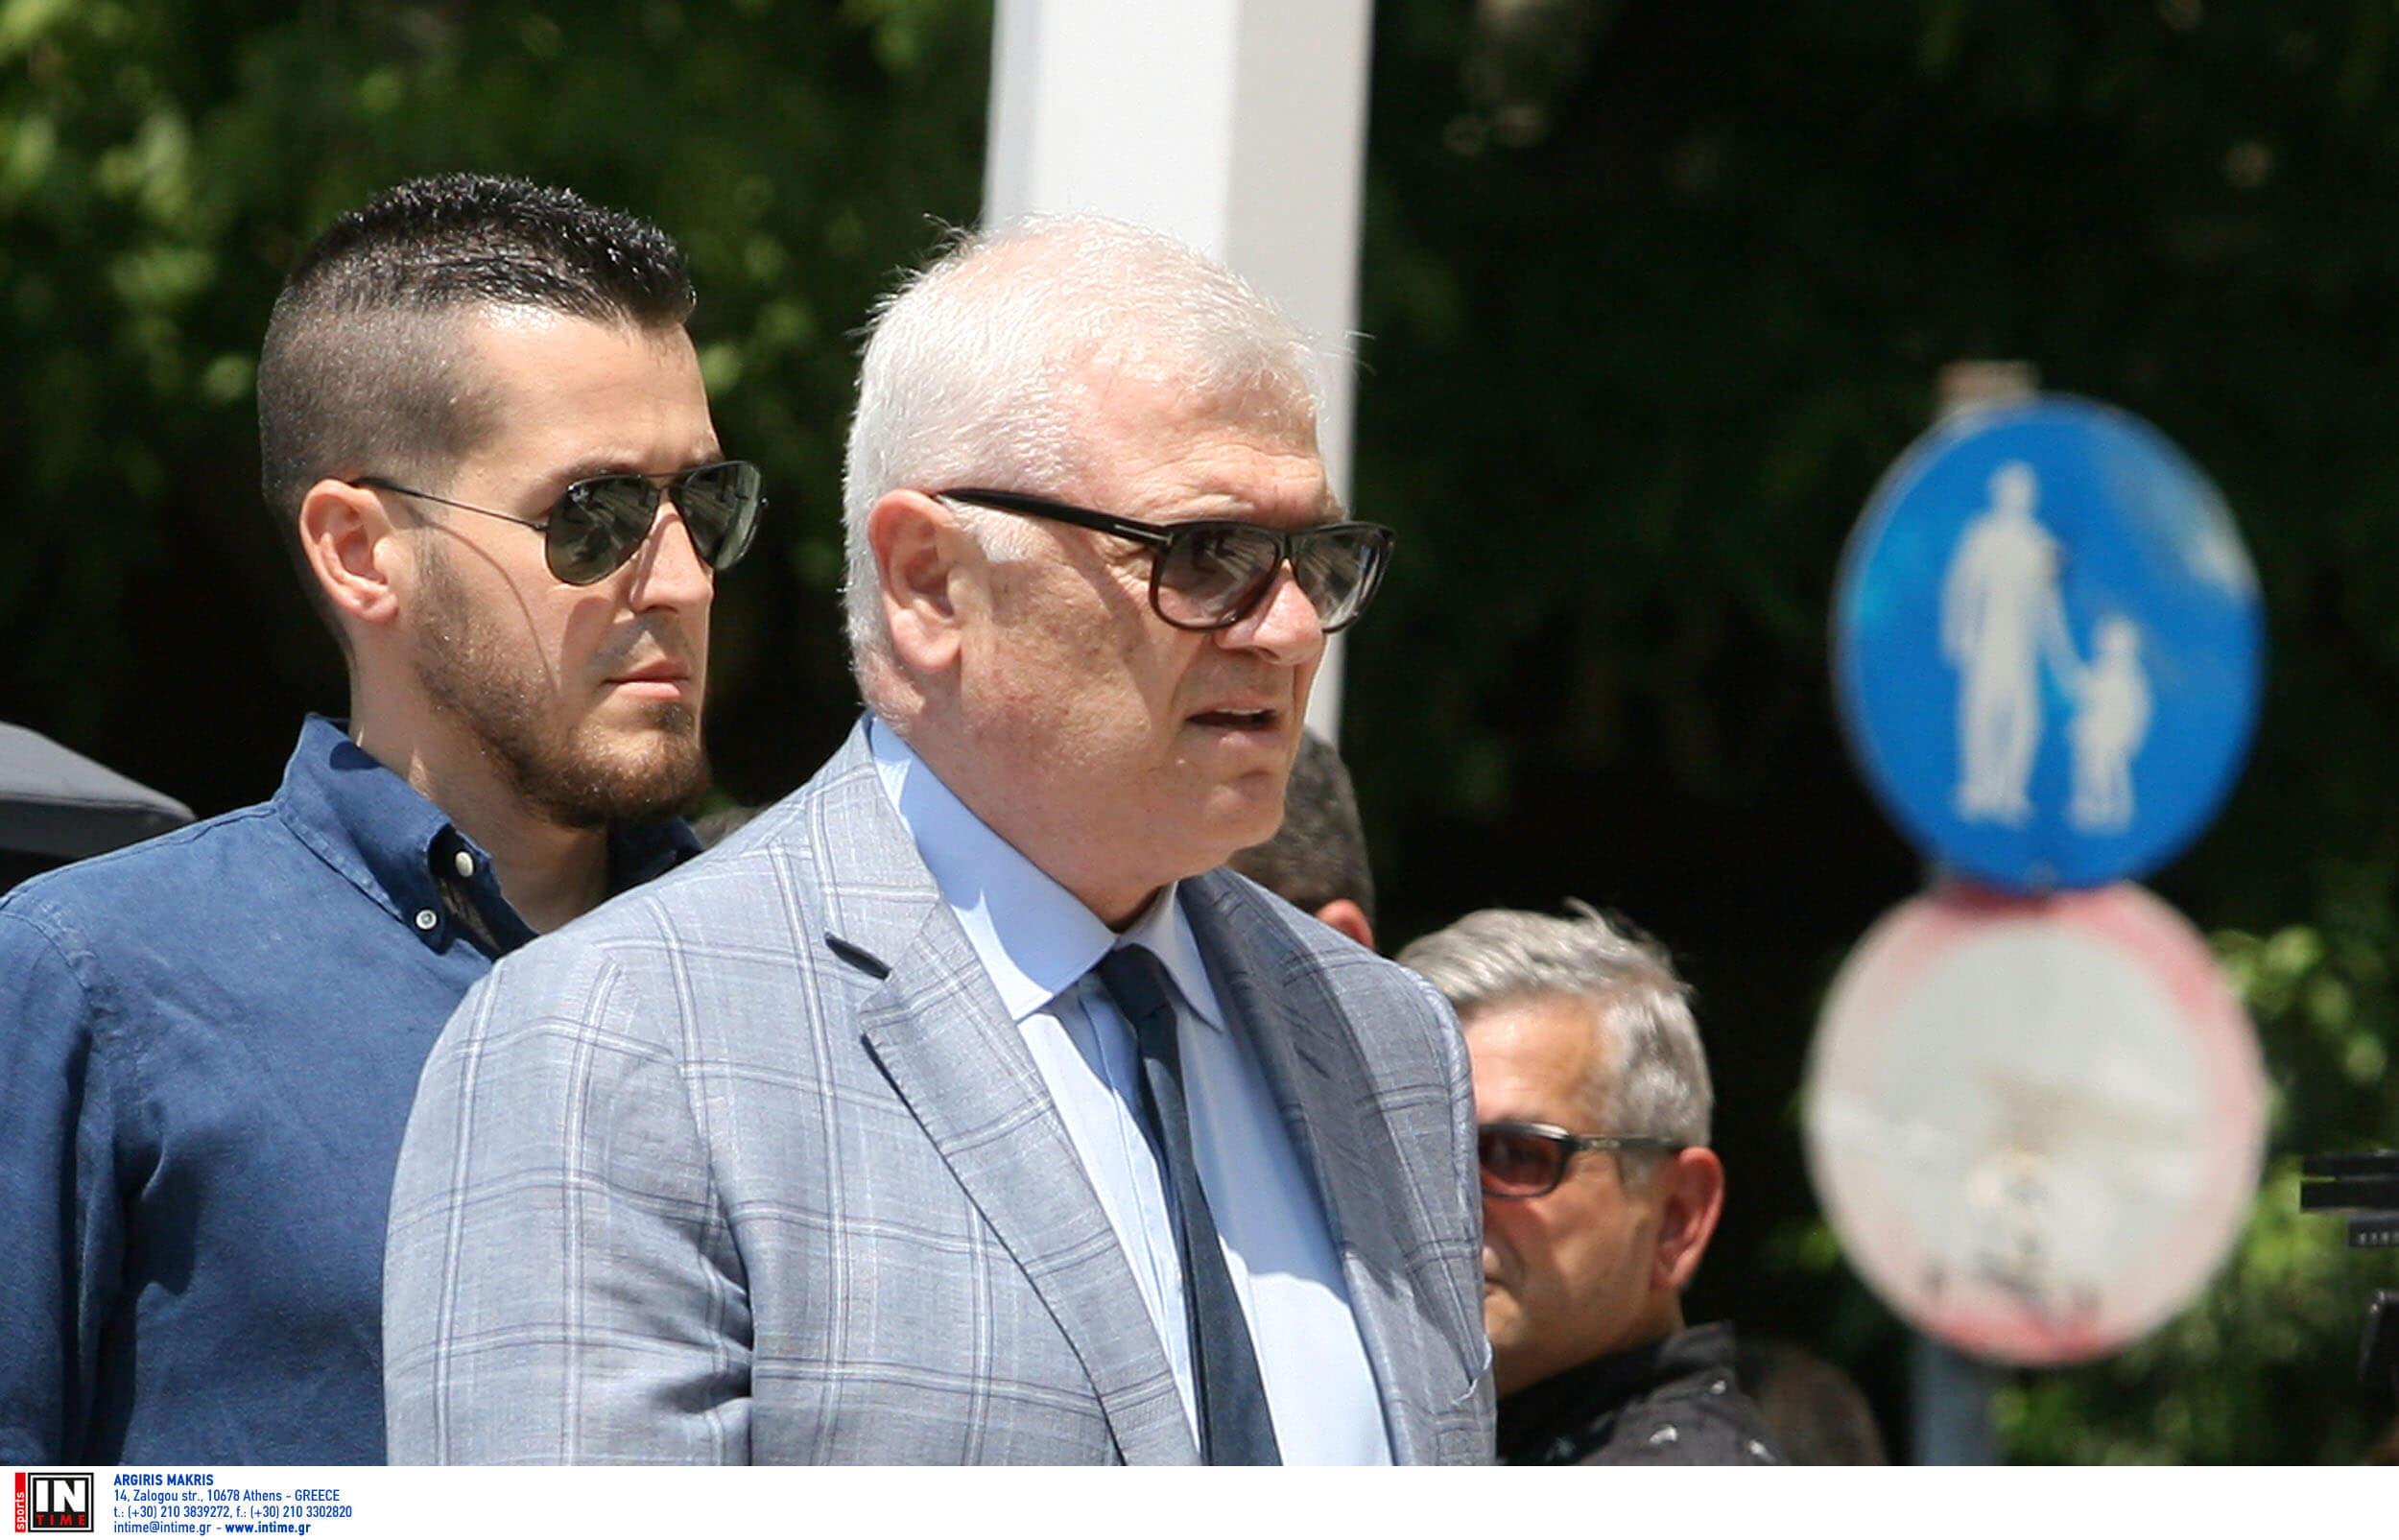 """Θανάσης Γιαννακόπουλος: Προσωπική δήλωση Μελισσανίδη! """"Καλό ταξίδι, καλέ μου φίλε"""""""